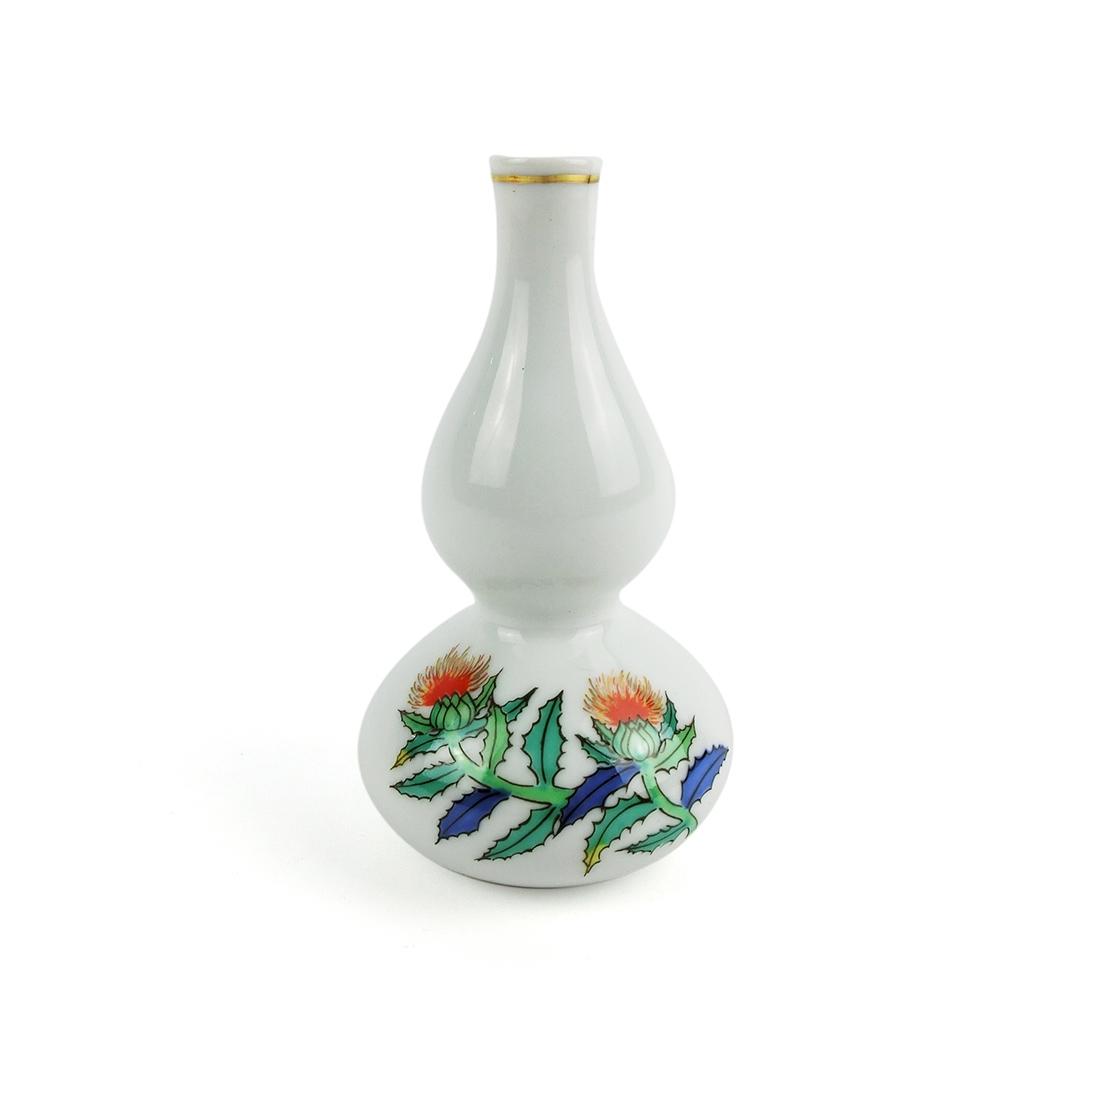 Hộp 5 Bình Sake Sứ Vẽ Tay Viền Vàng Có Triện - Nhật - 13.5 cm - 48952